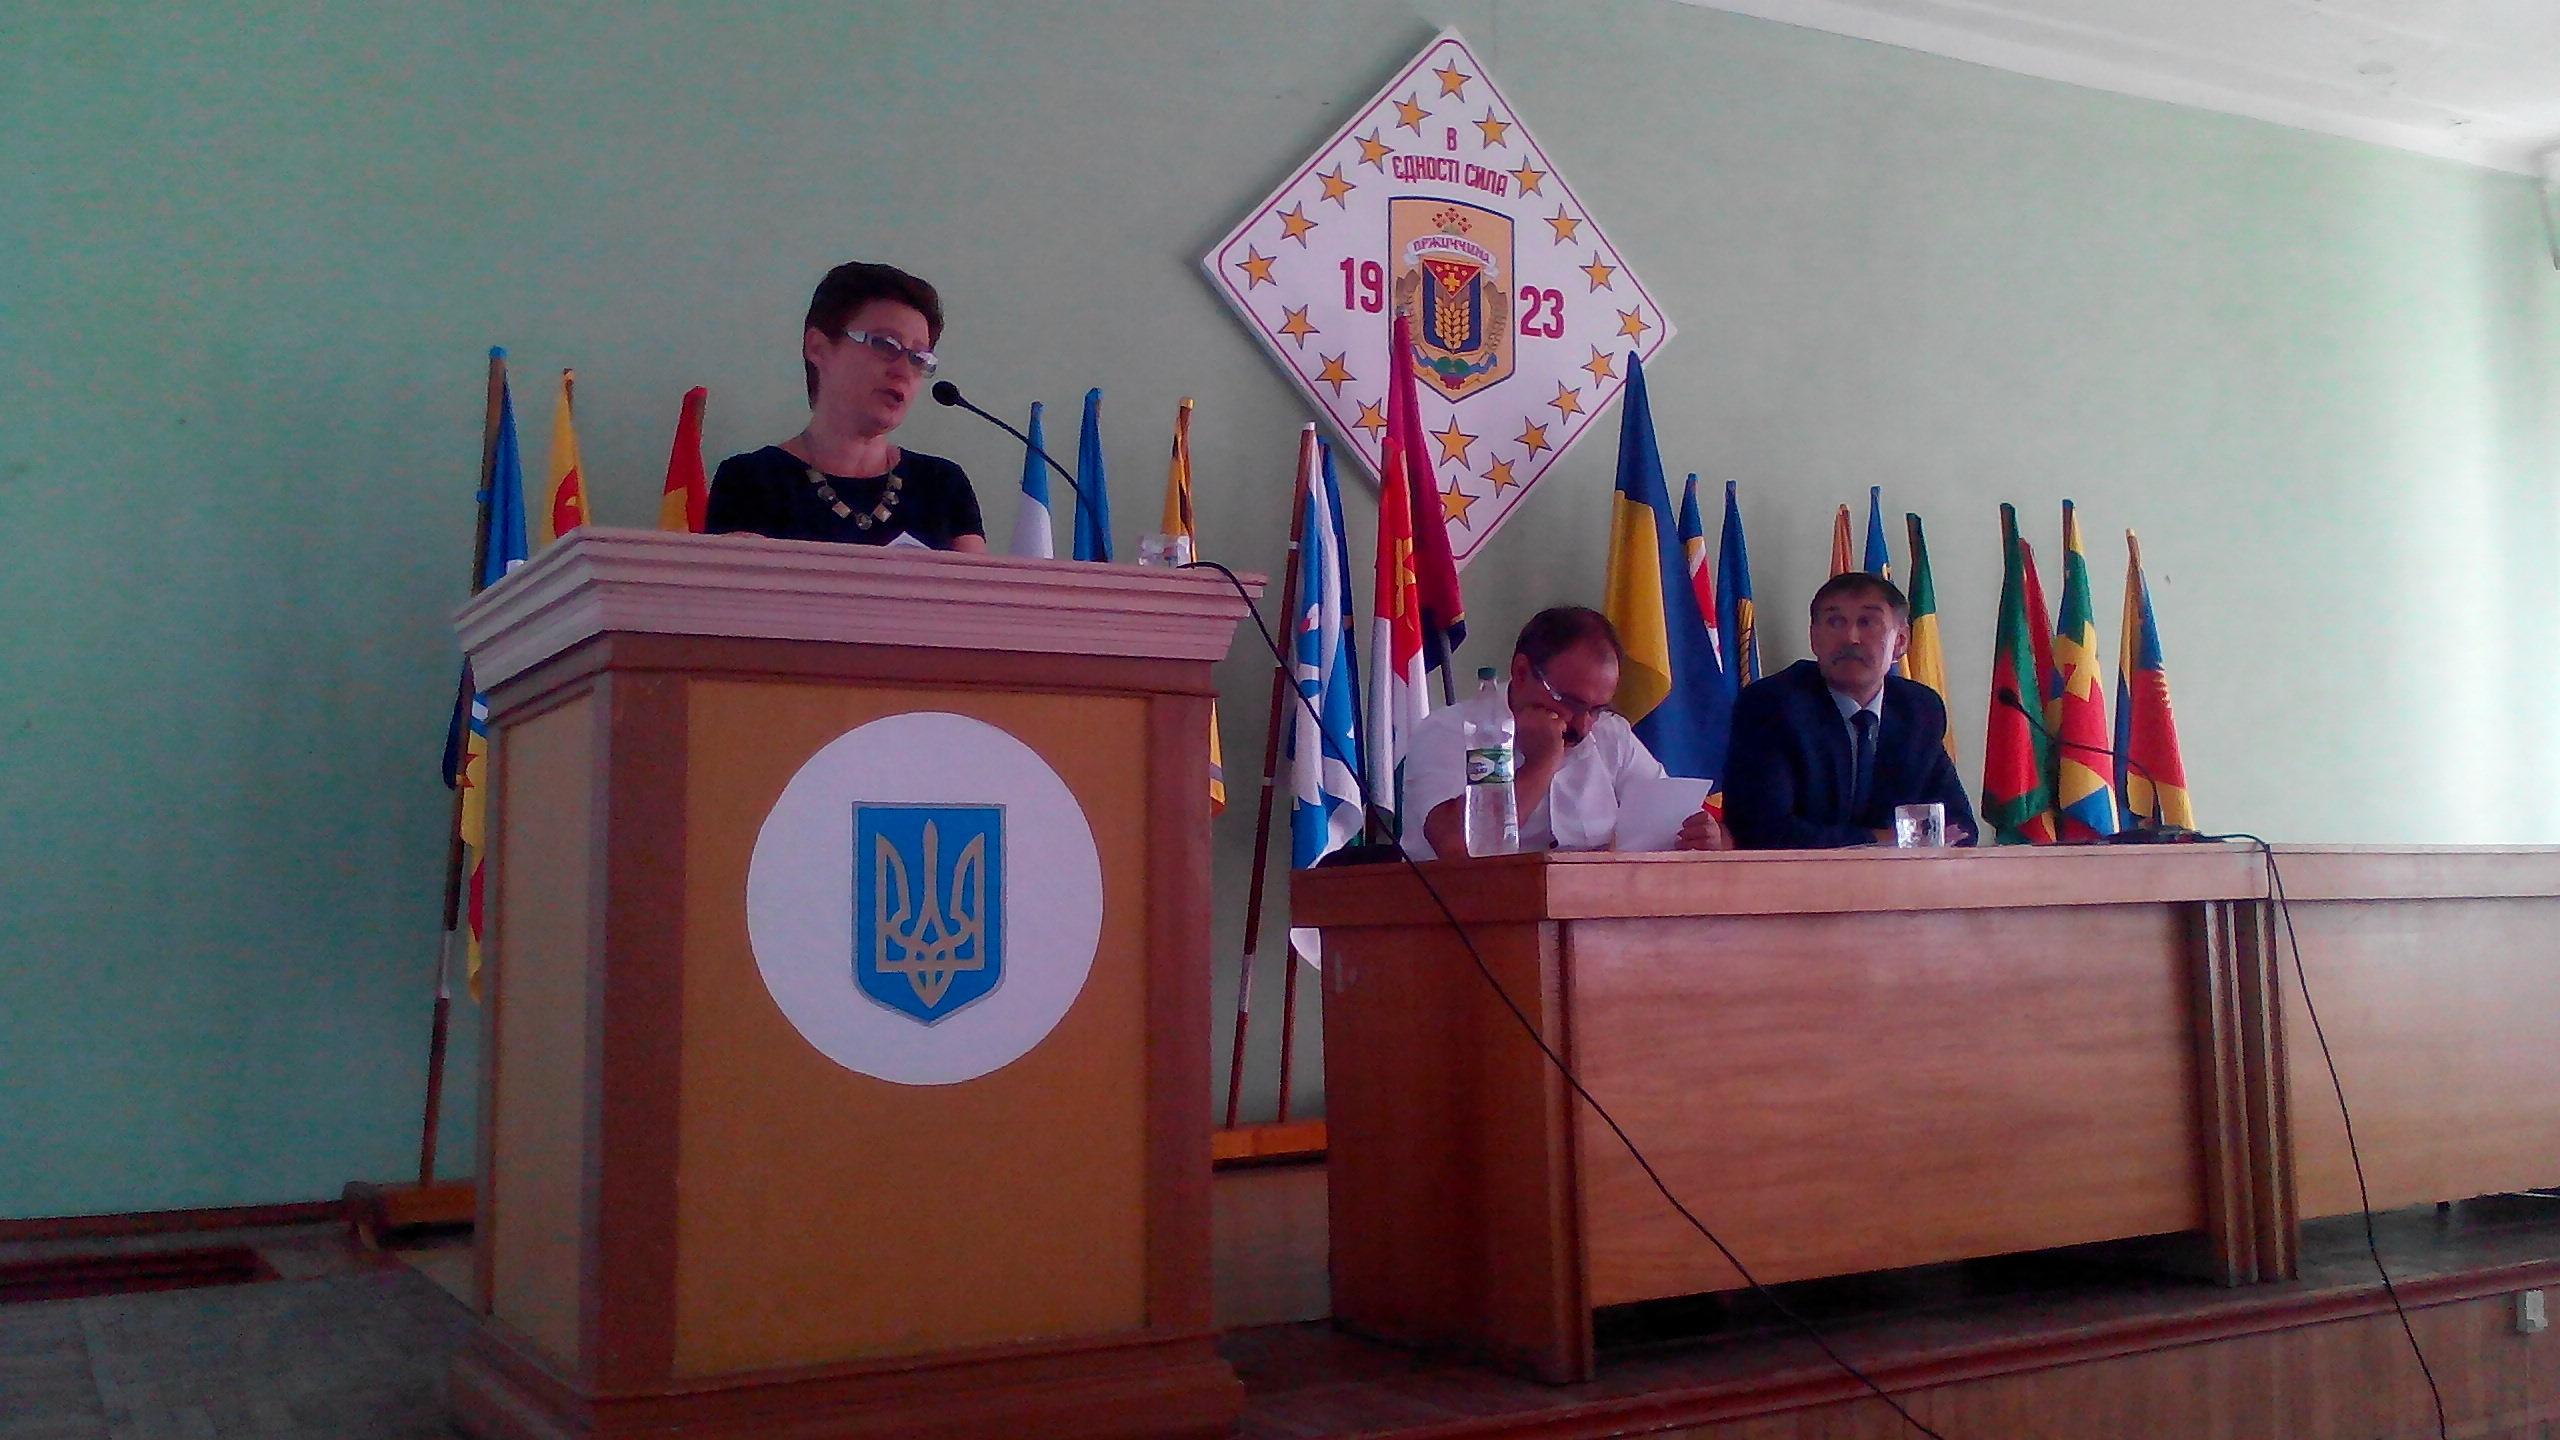 Оржиця, районна рада, сесія, Полтавщина